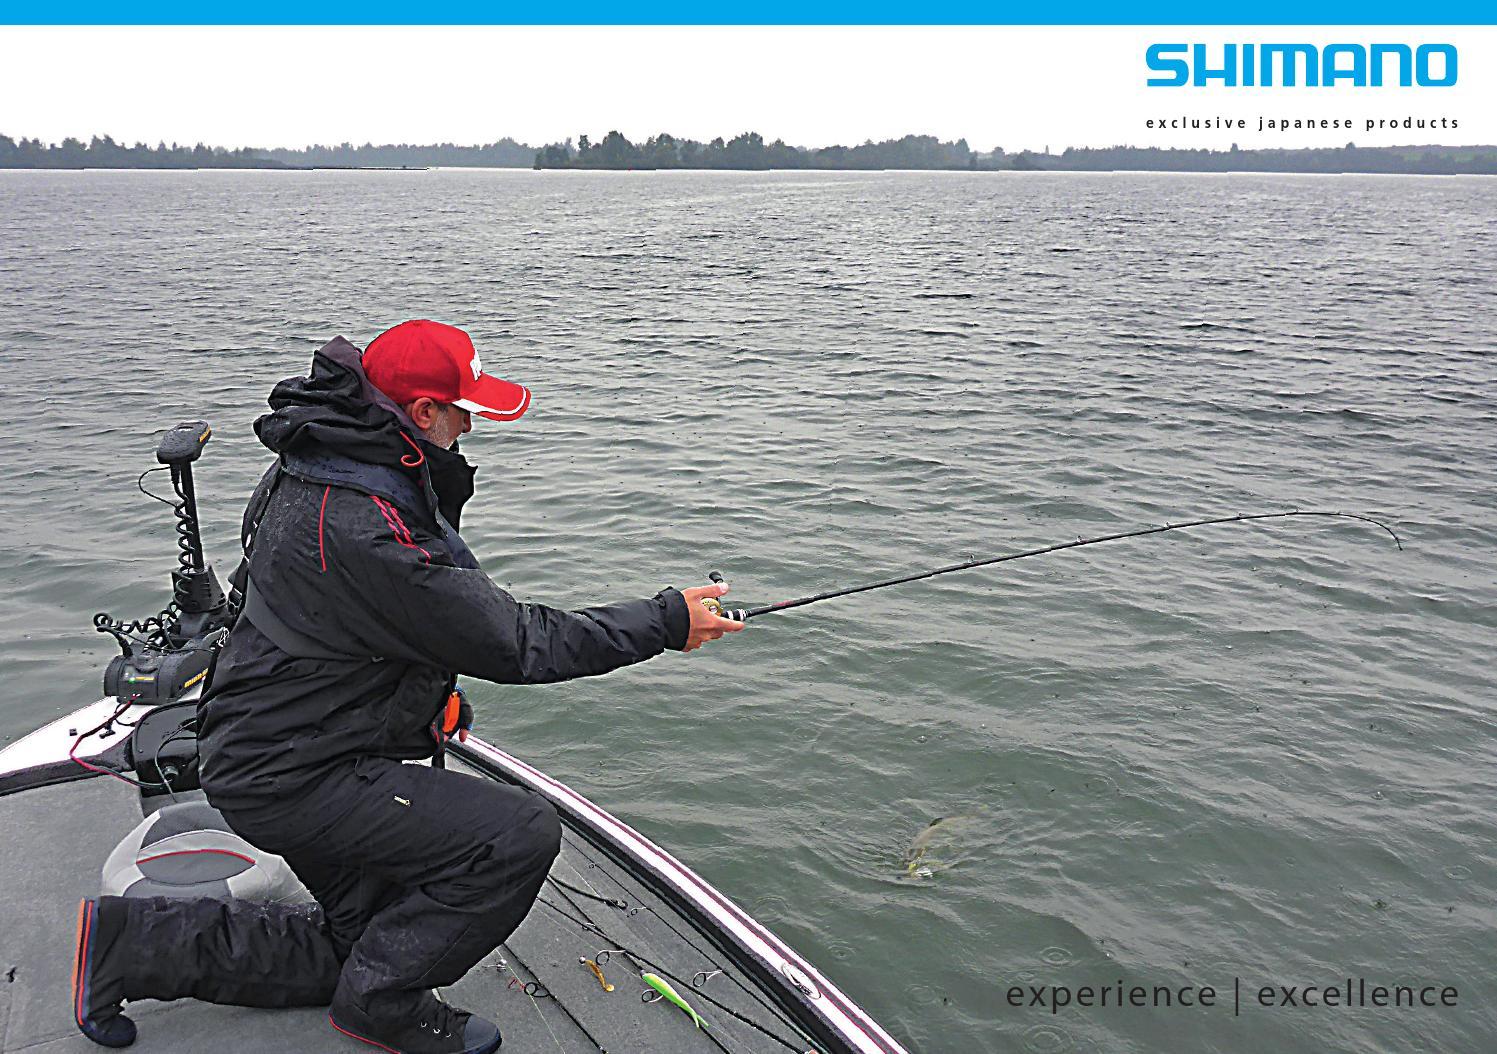 shimano jdm catalogue 2016 english by shimano europe fishing, Fishing Reels